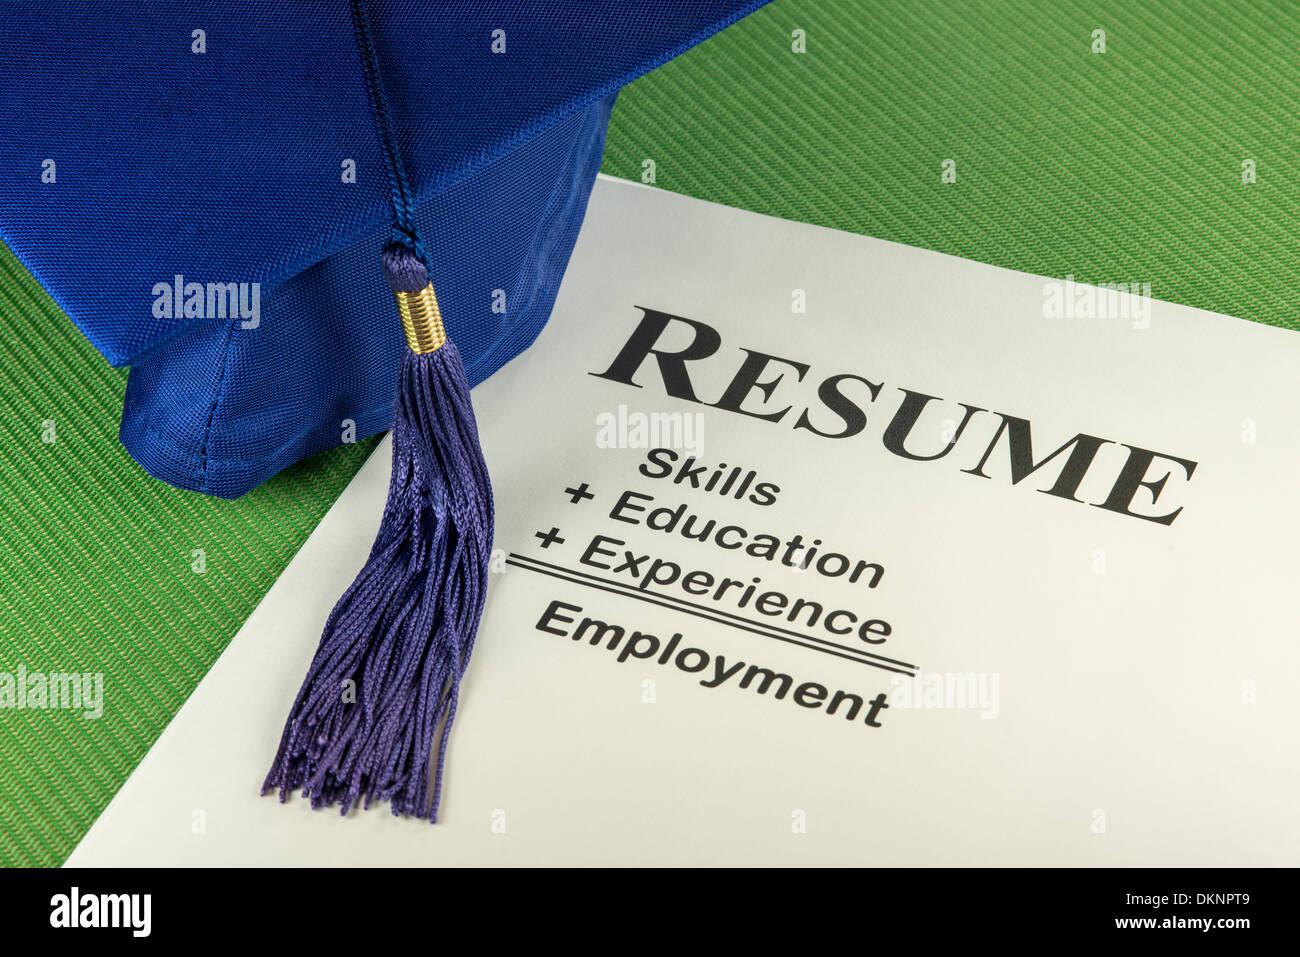 Candidato Reanudar: Destrezas + Educación + Experiencia = Empleo Imagen De Stock